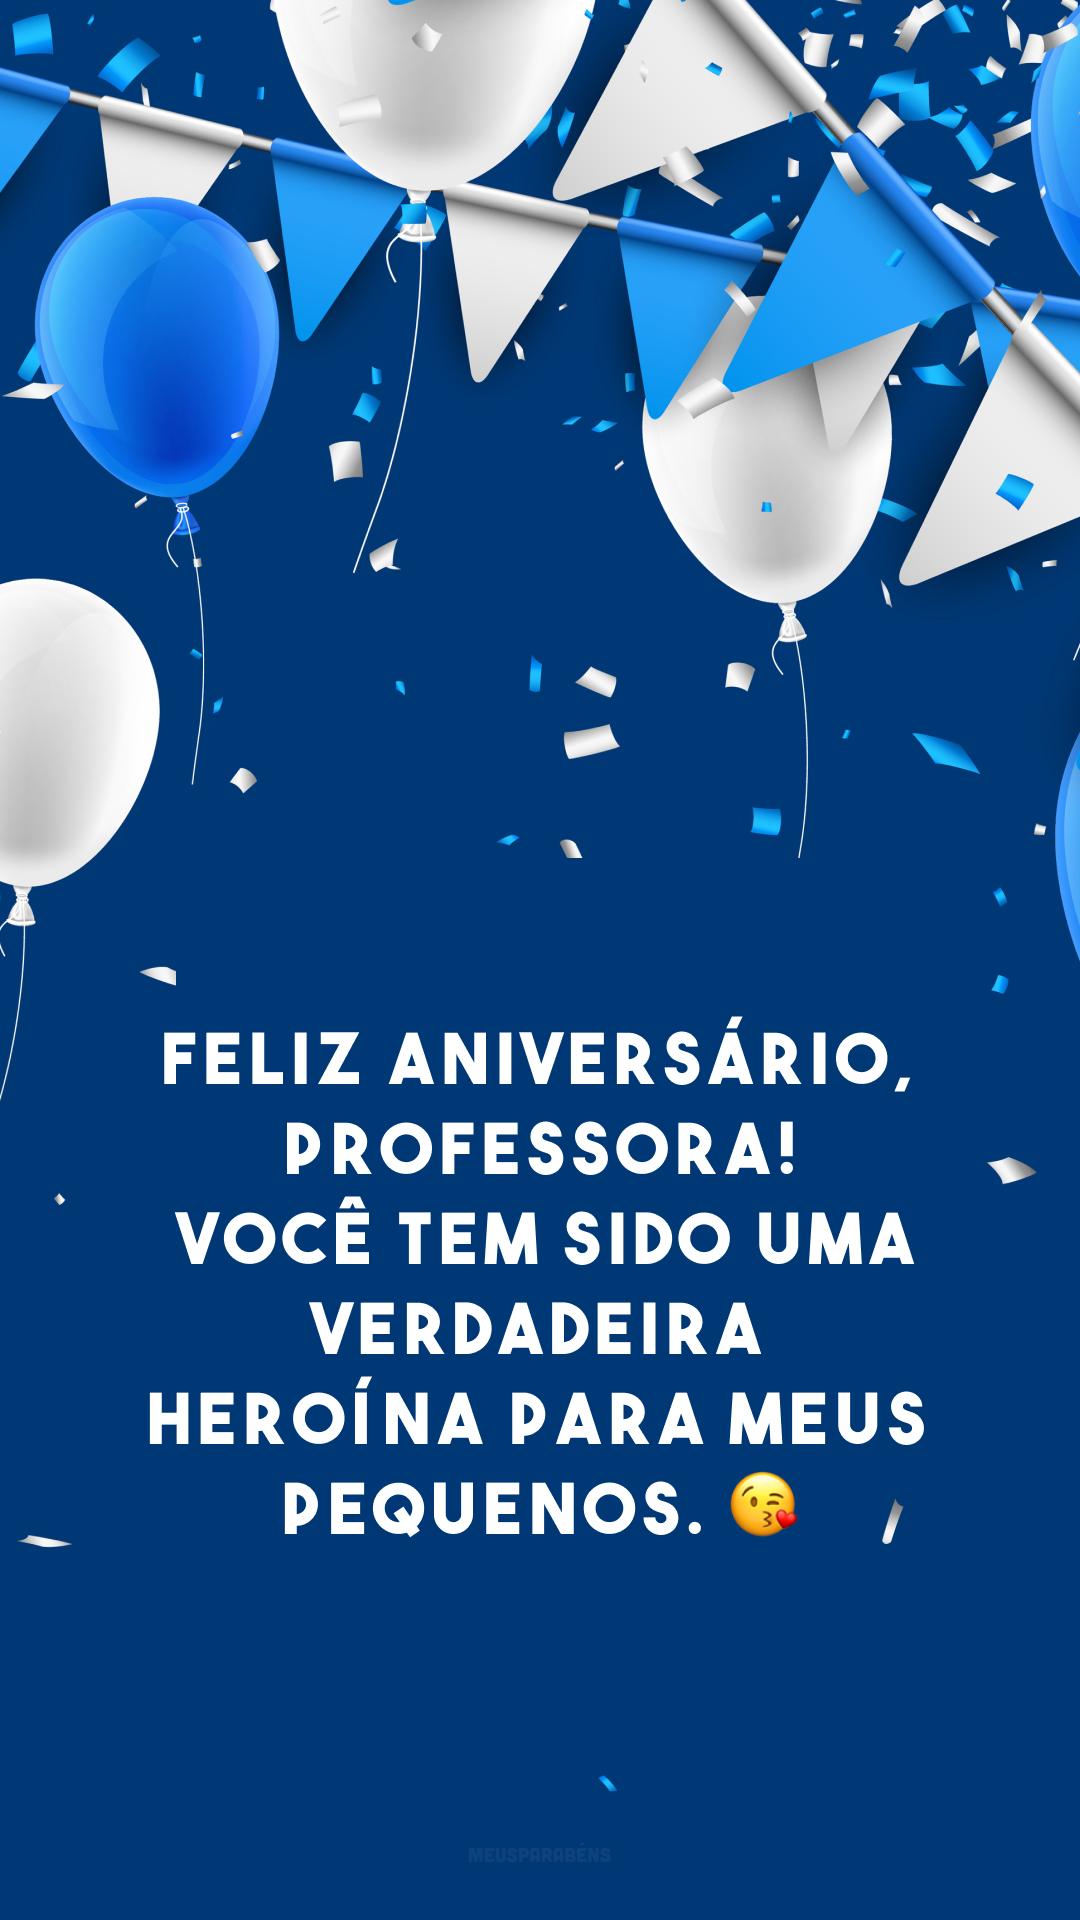 Feliz aniversário, professora! Você tem sido uma verdadeira heroína para meus pequenos. 😘